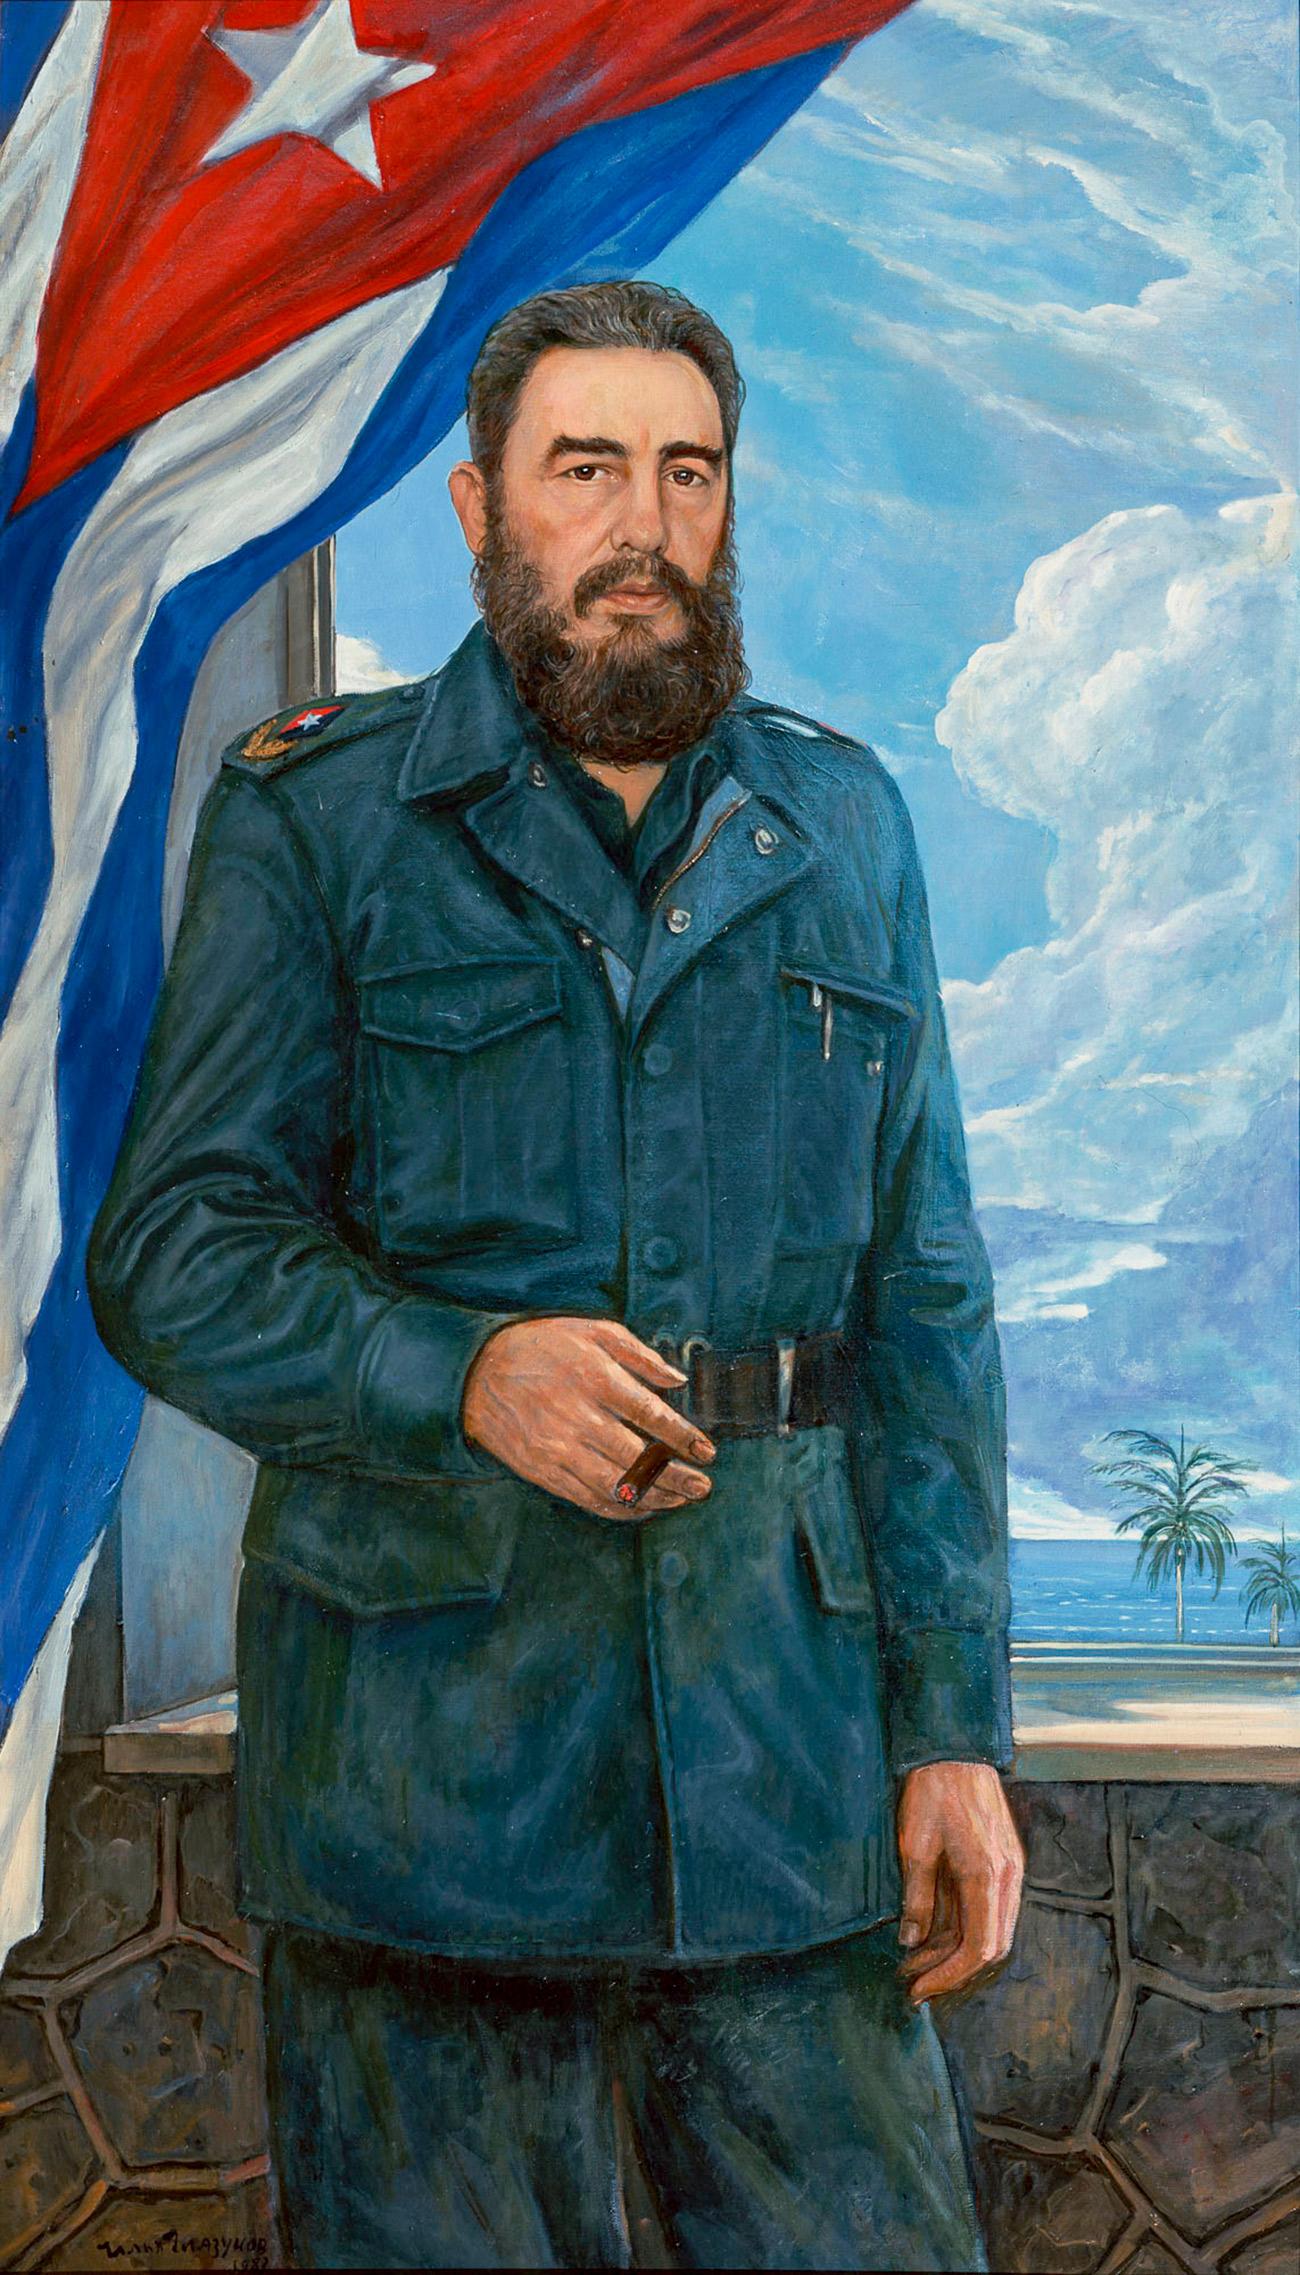 Сликао је такође многе истакнуте совјетске и социјалистичке лидере, почев ид вође кубанске револуције Фидела Кастра... (Слика: Фидел Кастро, 1983. година)